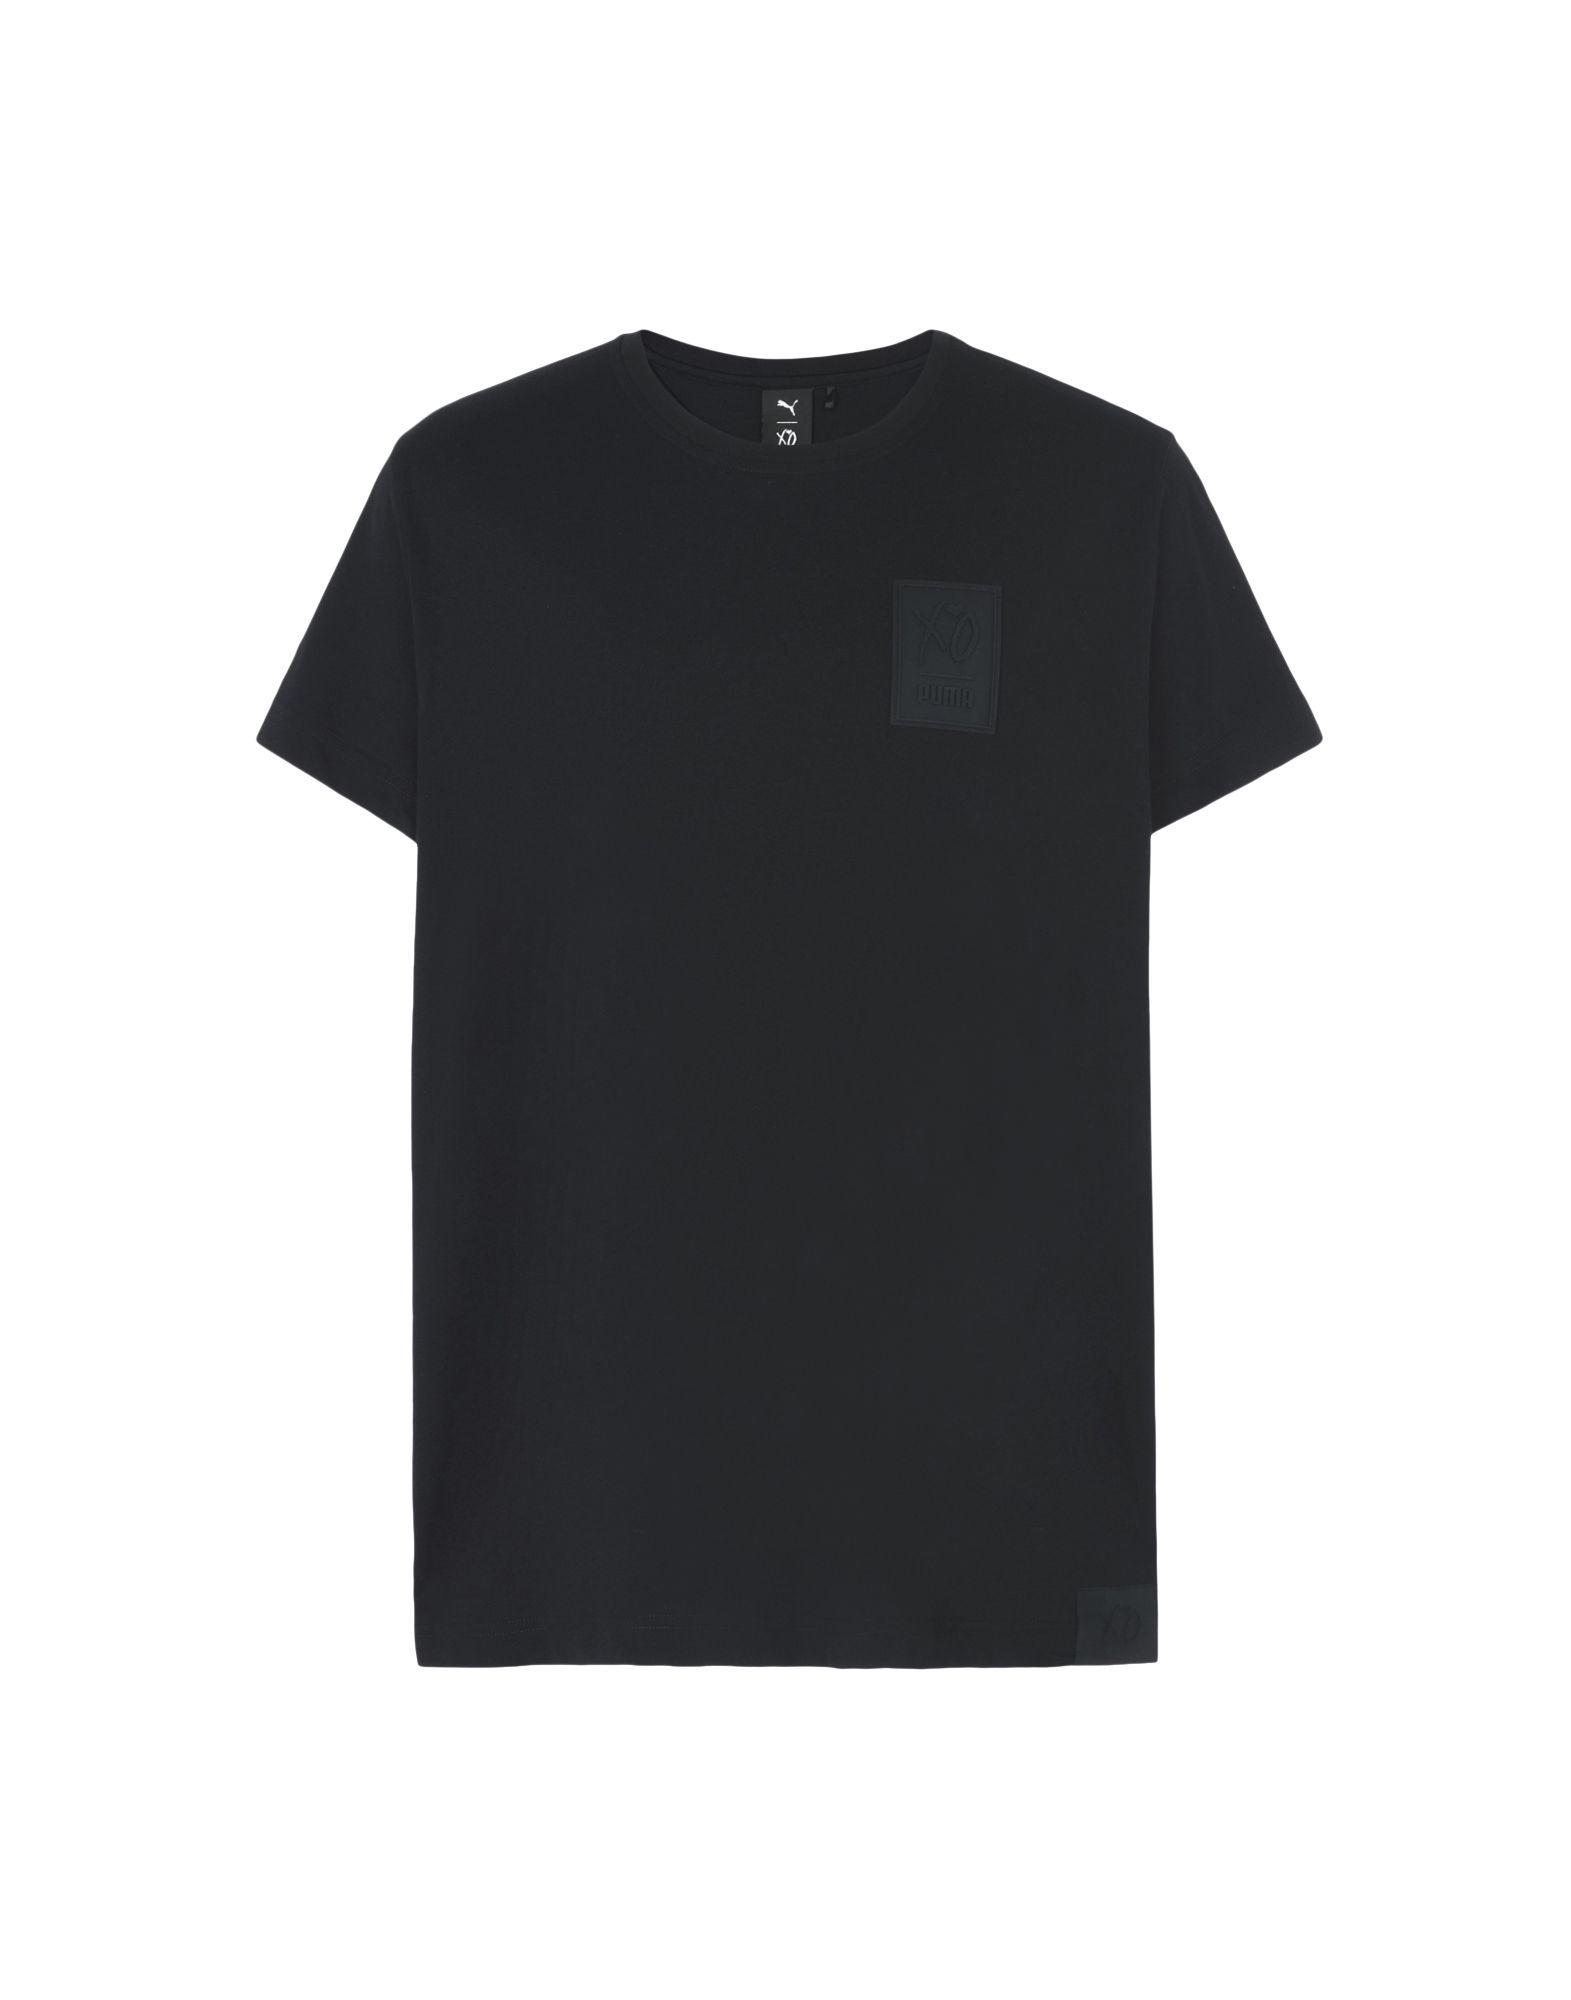 Фото - PUMA x XO Футболка puma x porsche design футболка